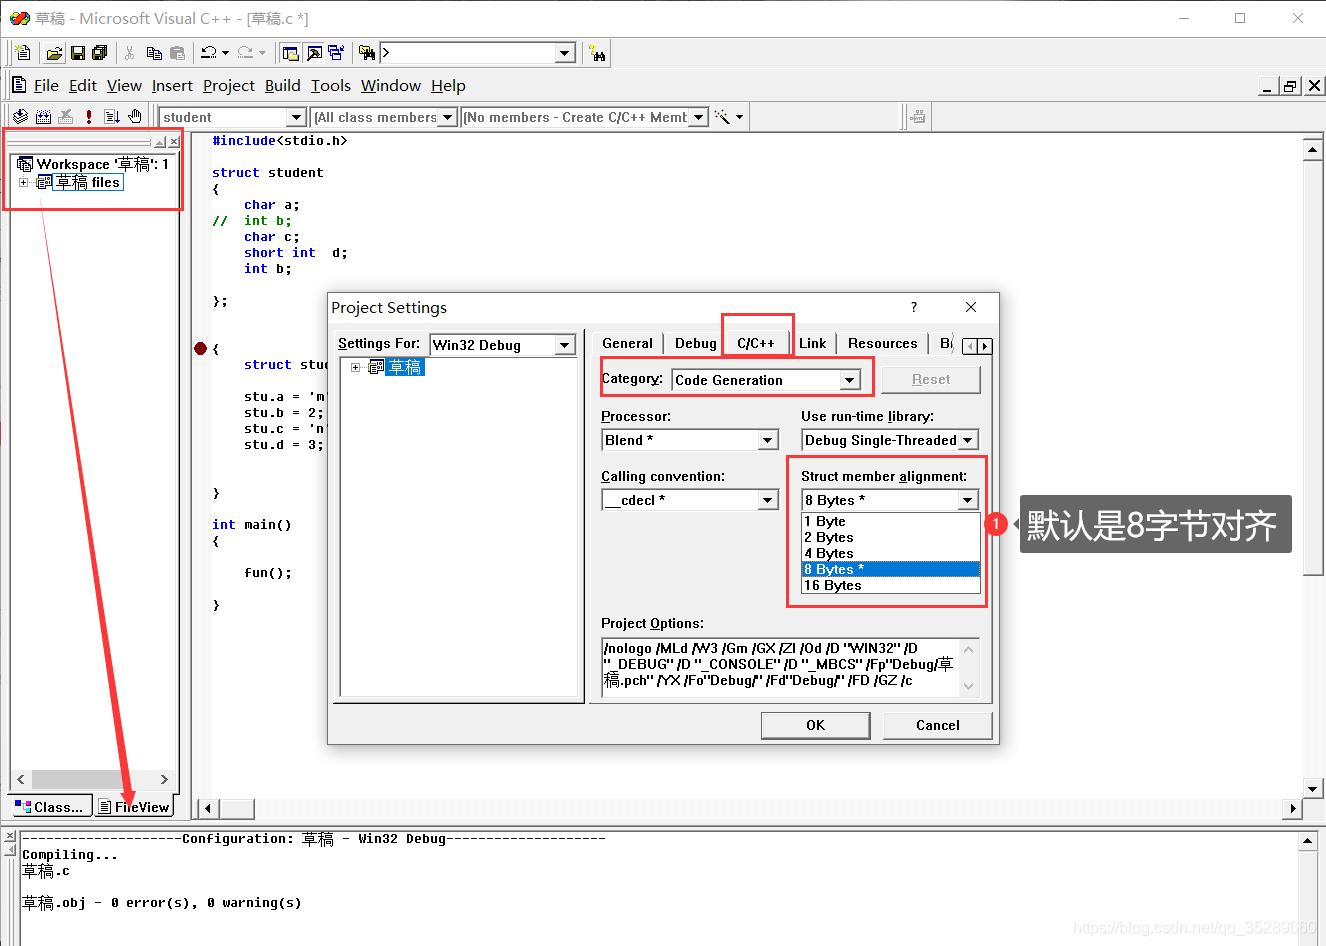 [外链图片转存失败,源站可能有防盗链机制,建议将图片保存下来直接上传(img-yvTrjDlU-1584276639075)(E:/Typora/image/1584272673816.png)]